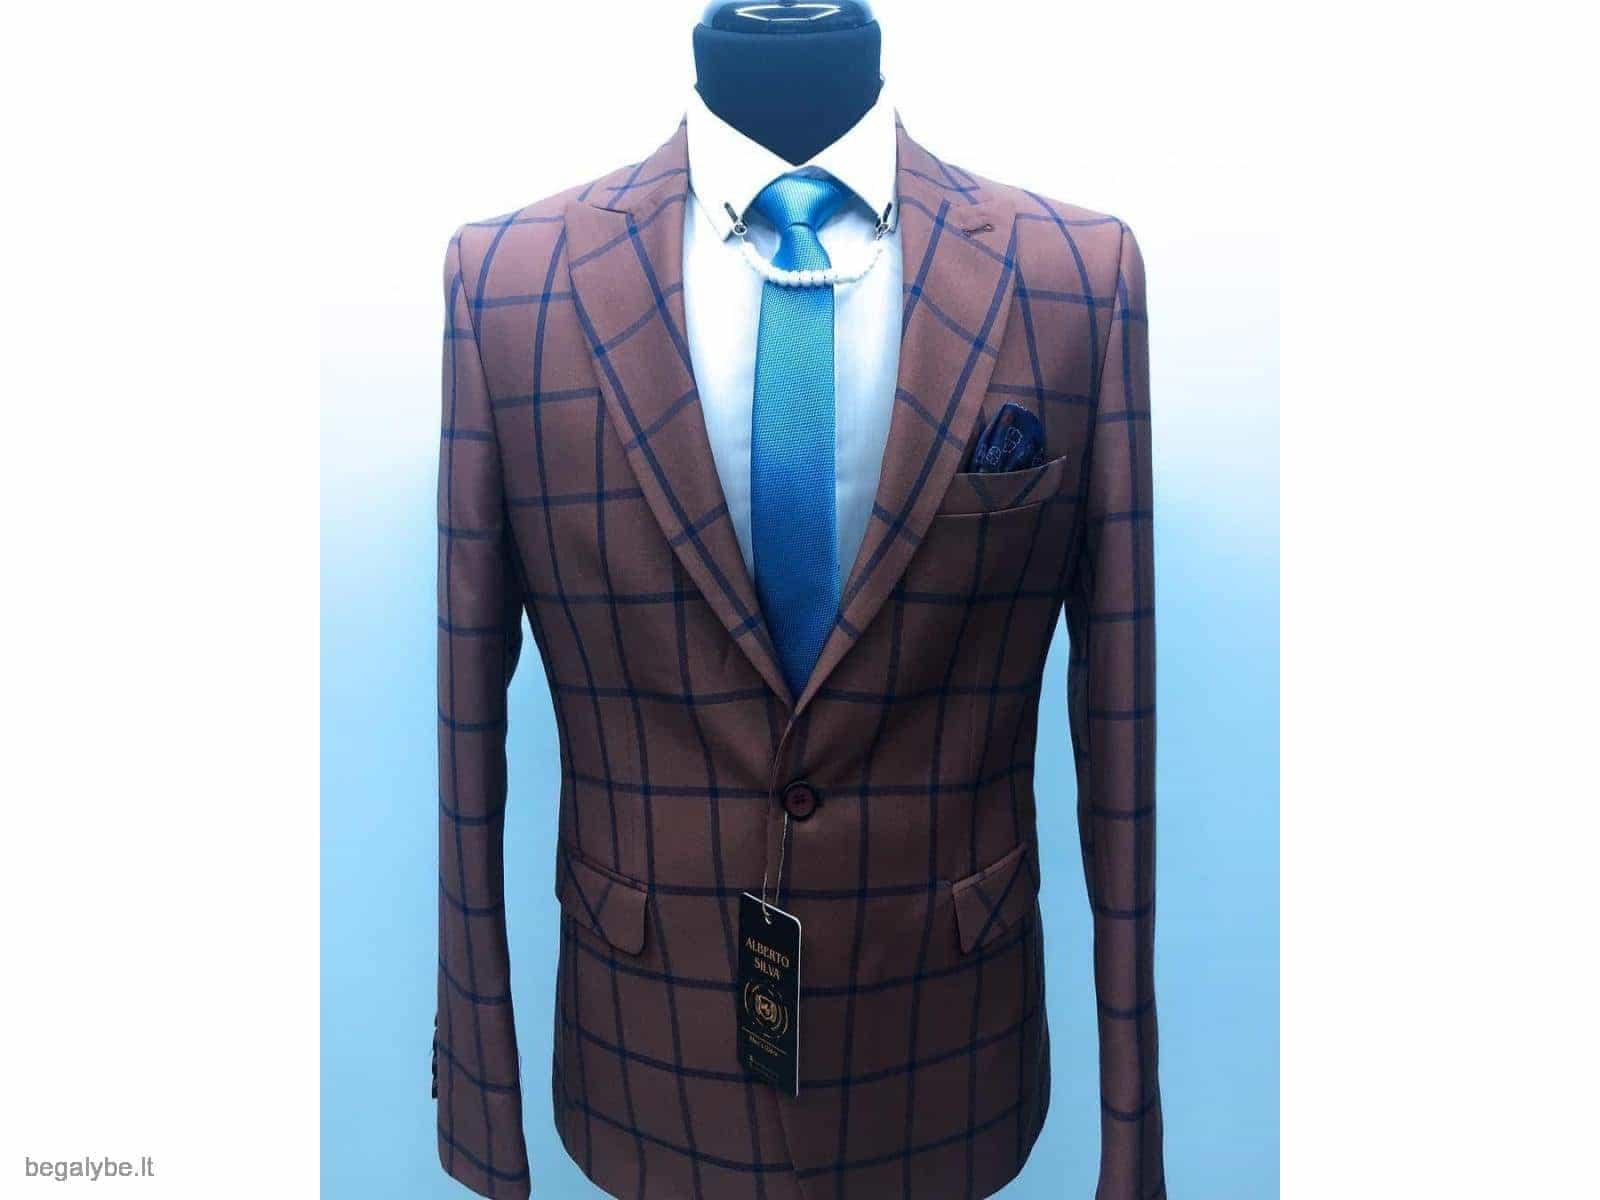 Vyriškų kostiumų tiekėjai